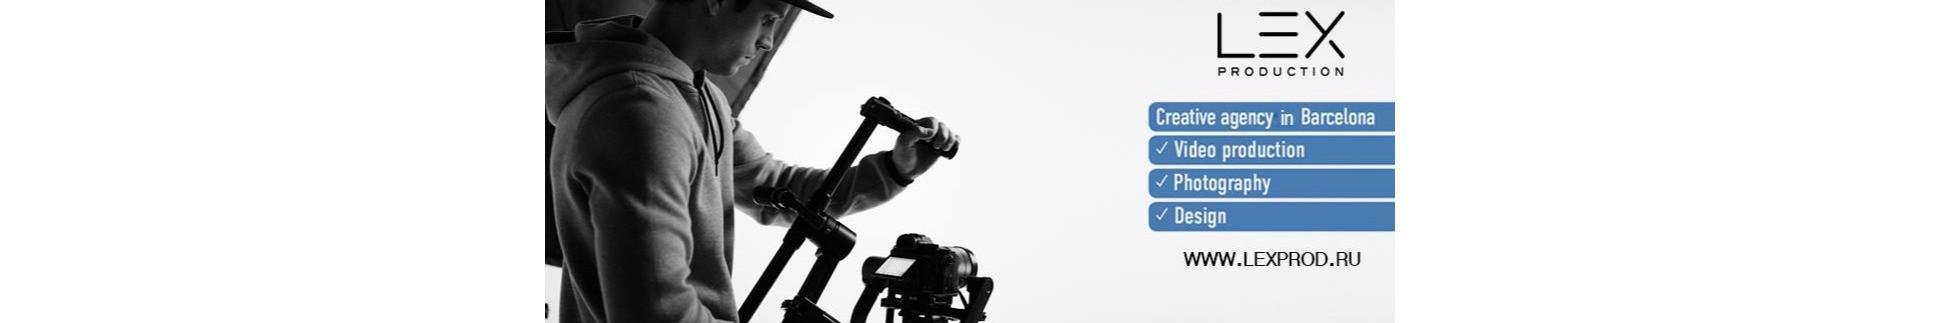 Lex Photo y Video Producción en Barcelona